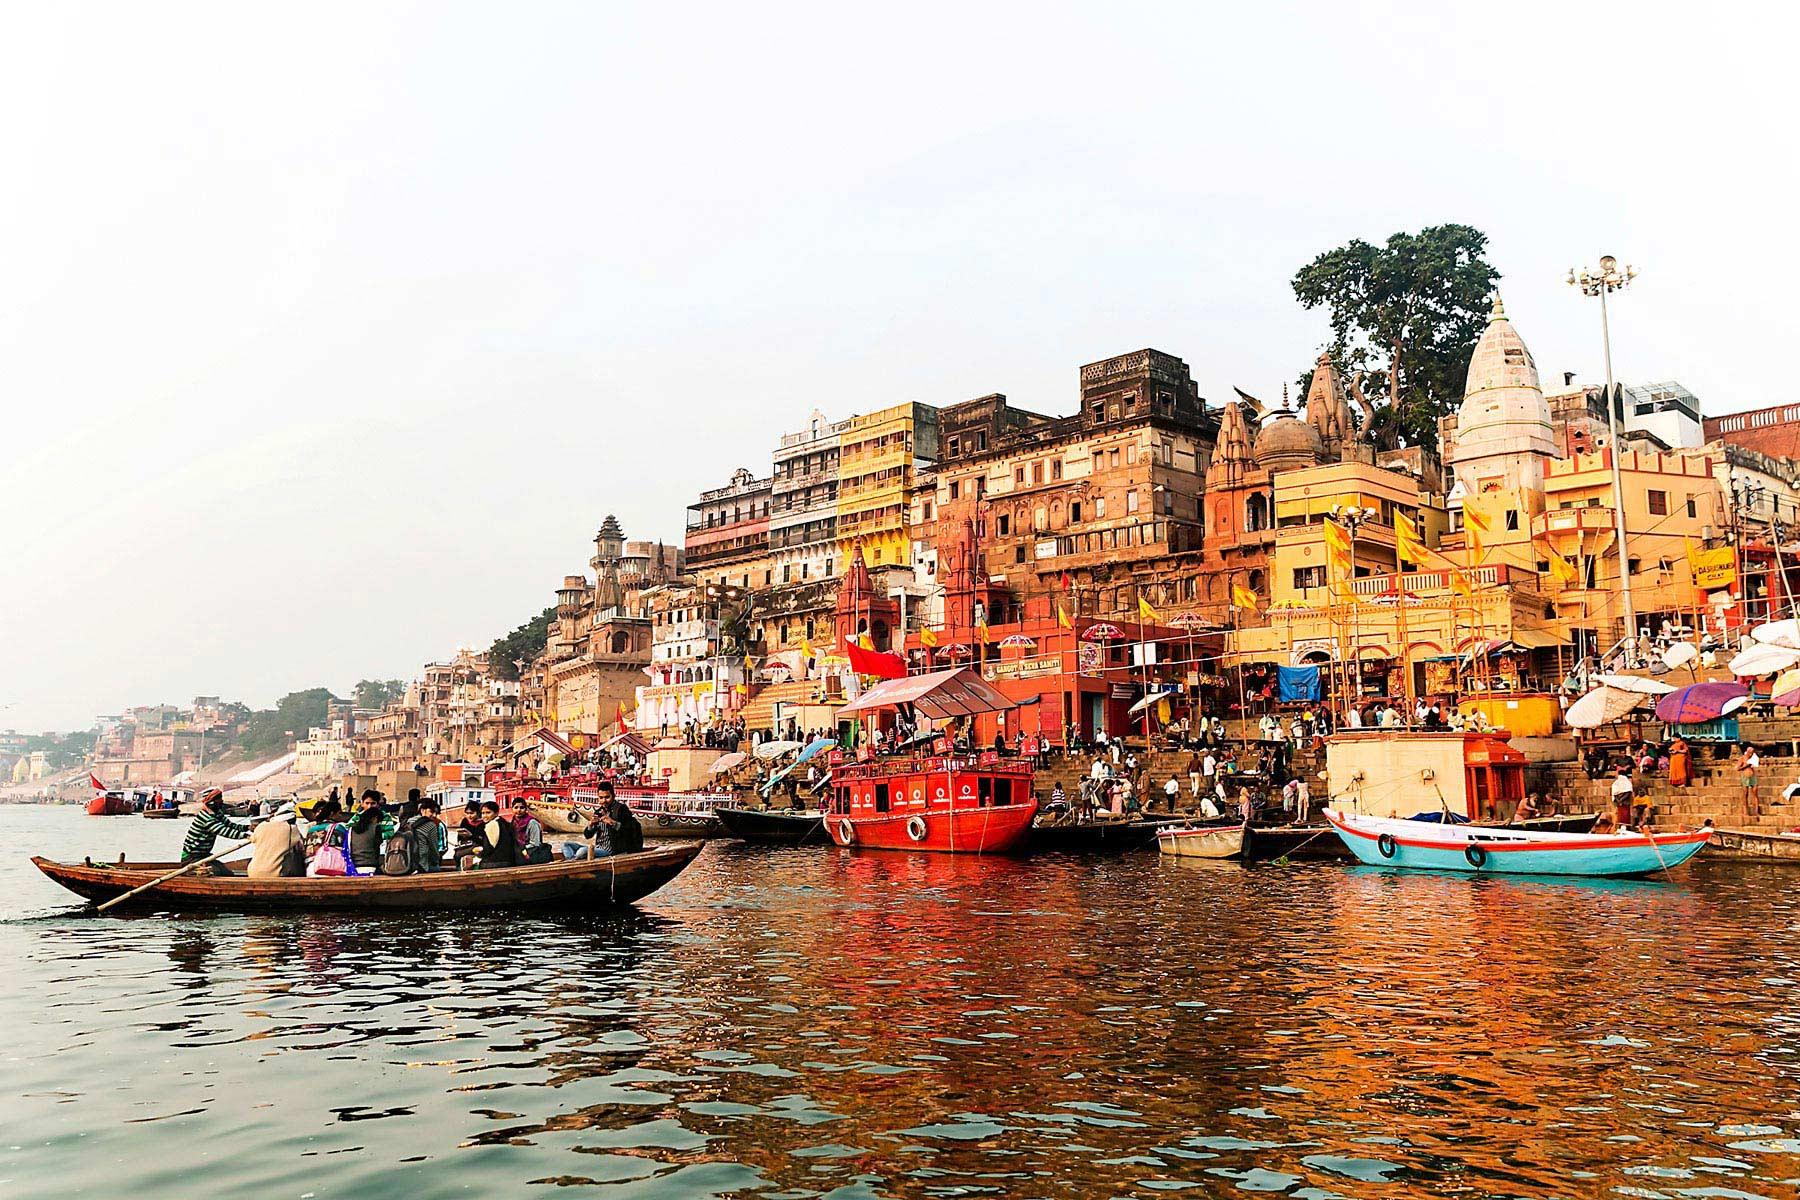 Город Варанаси, Индия прогулка в лодке